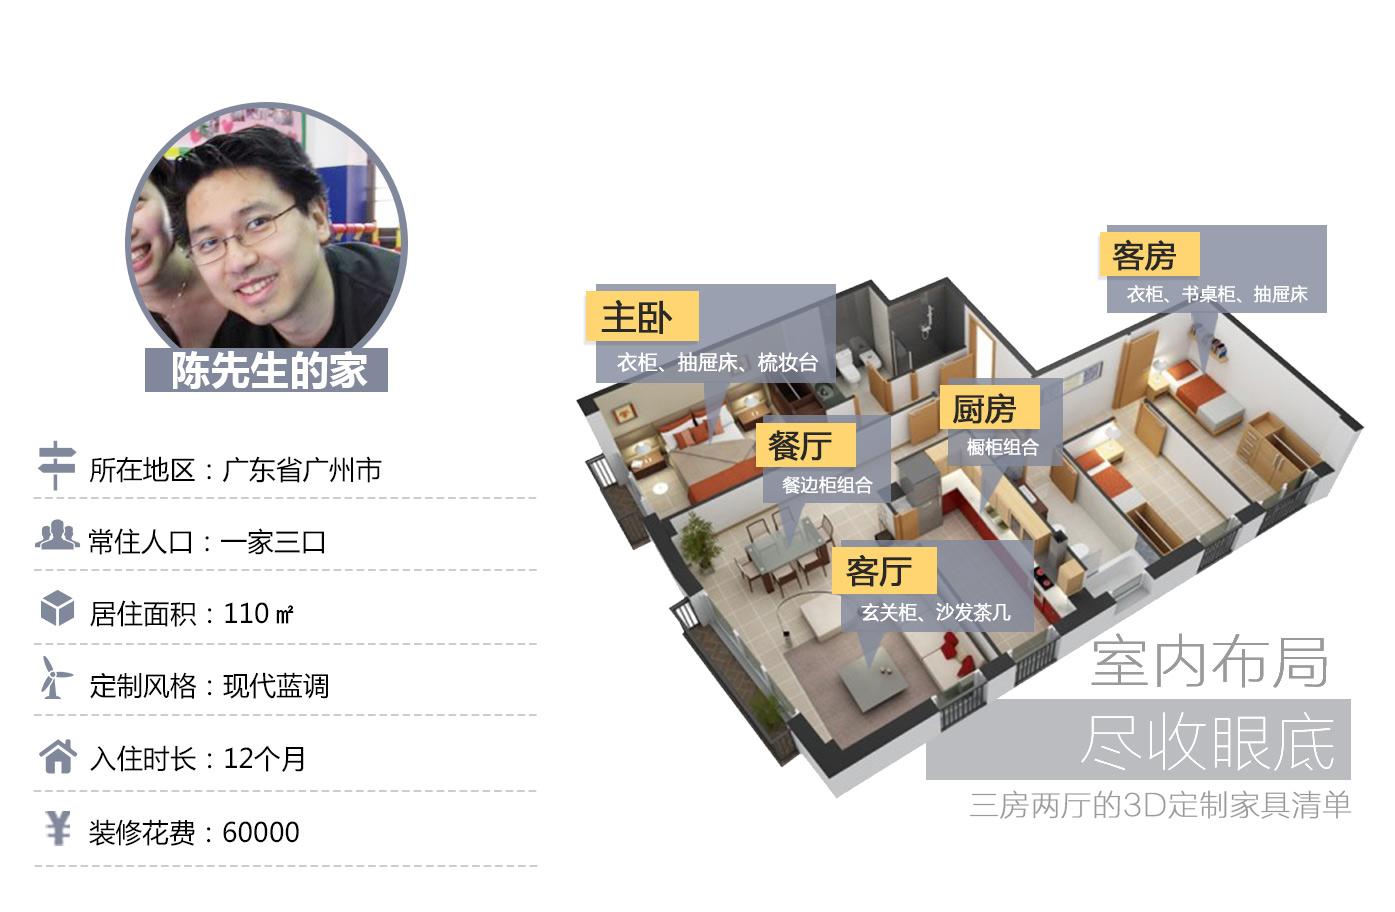 【全屋实拍案例】6万搞定110平现代家具 预算省一半